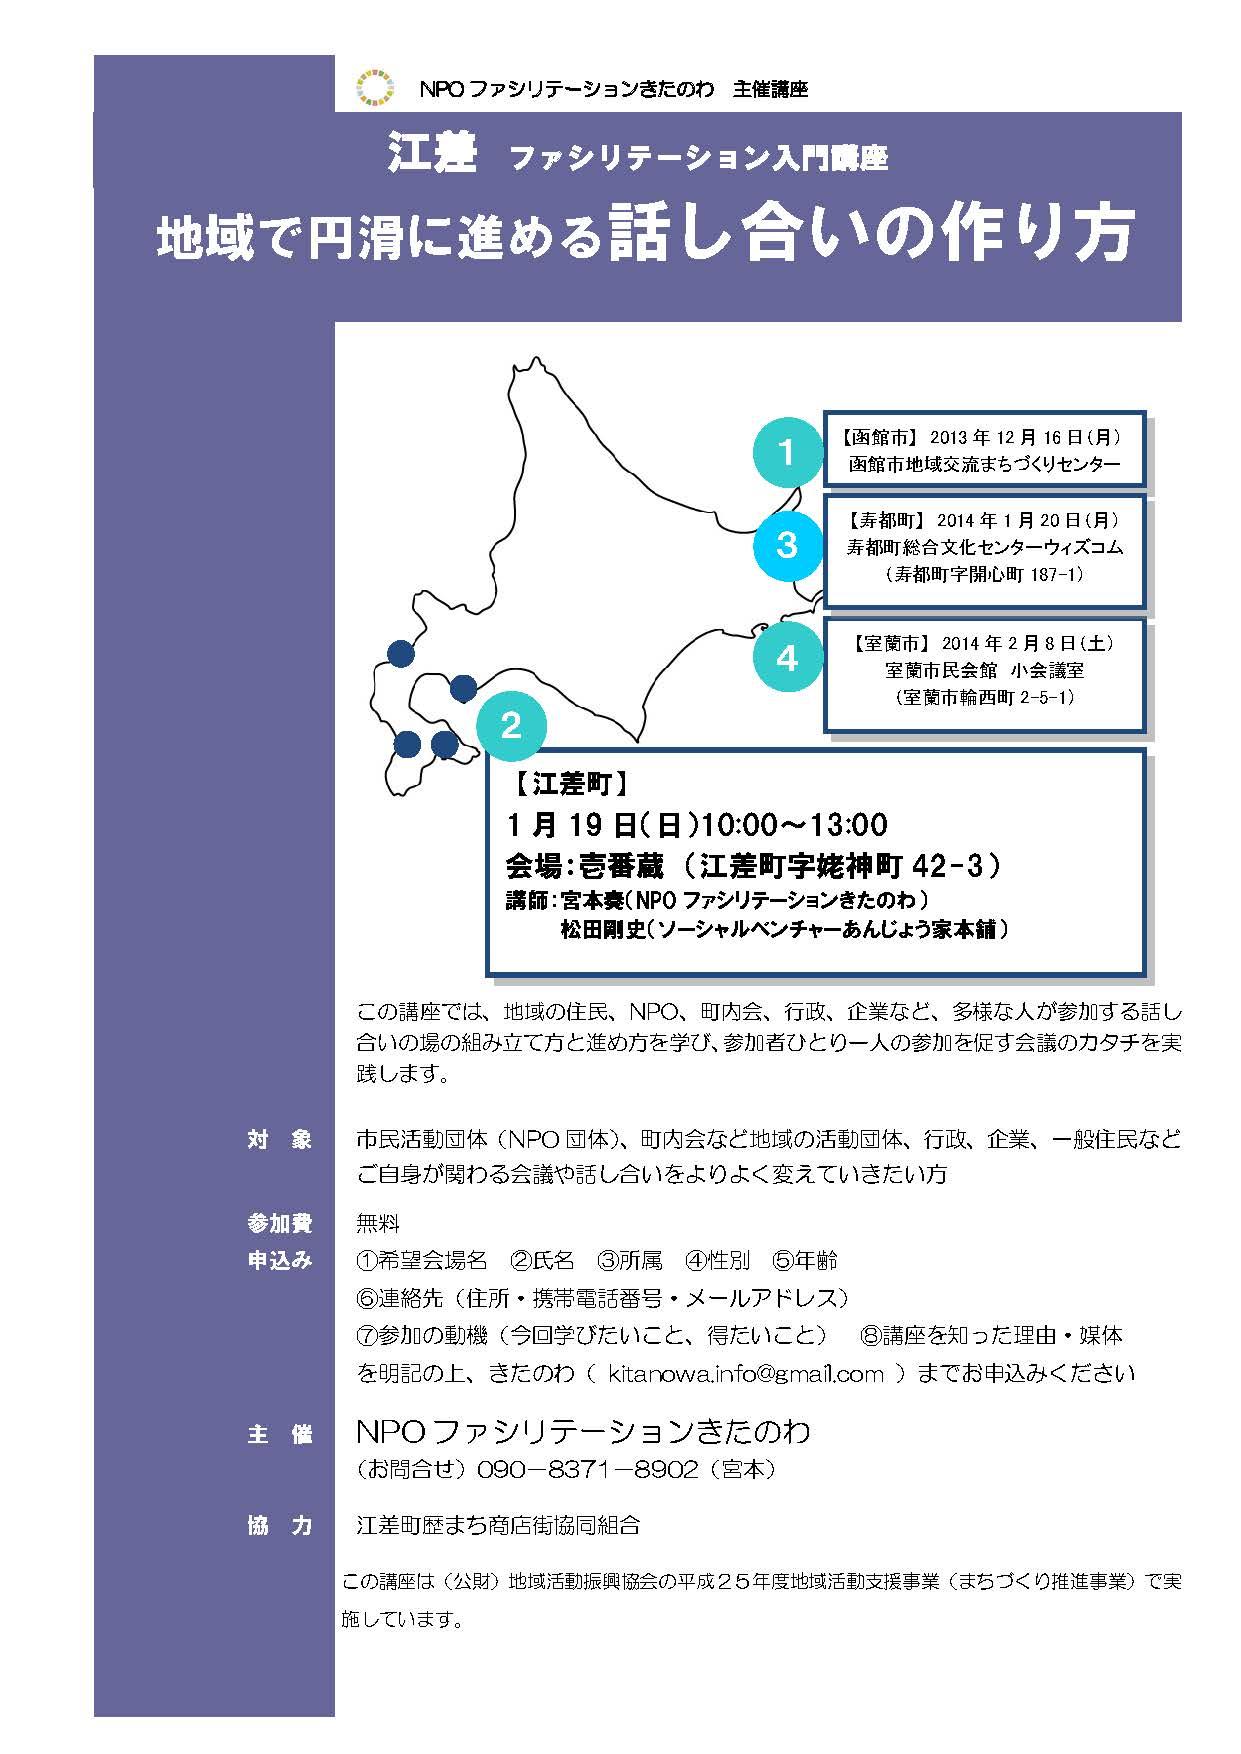 http://hakomachi.com/townnews2/images/%E8%AC%9B%E5%BA%A7%E3%83%81%E3%83%A9%E3%82%B7%20%E6%B1%9F%E5%B7%AE%200119.jpg